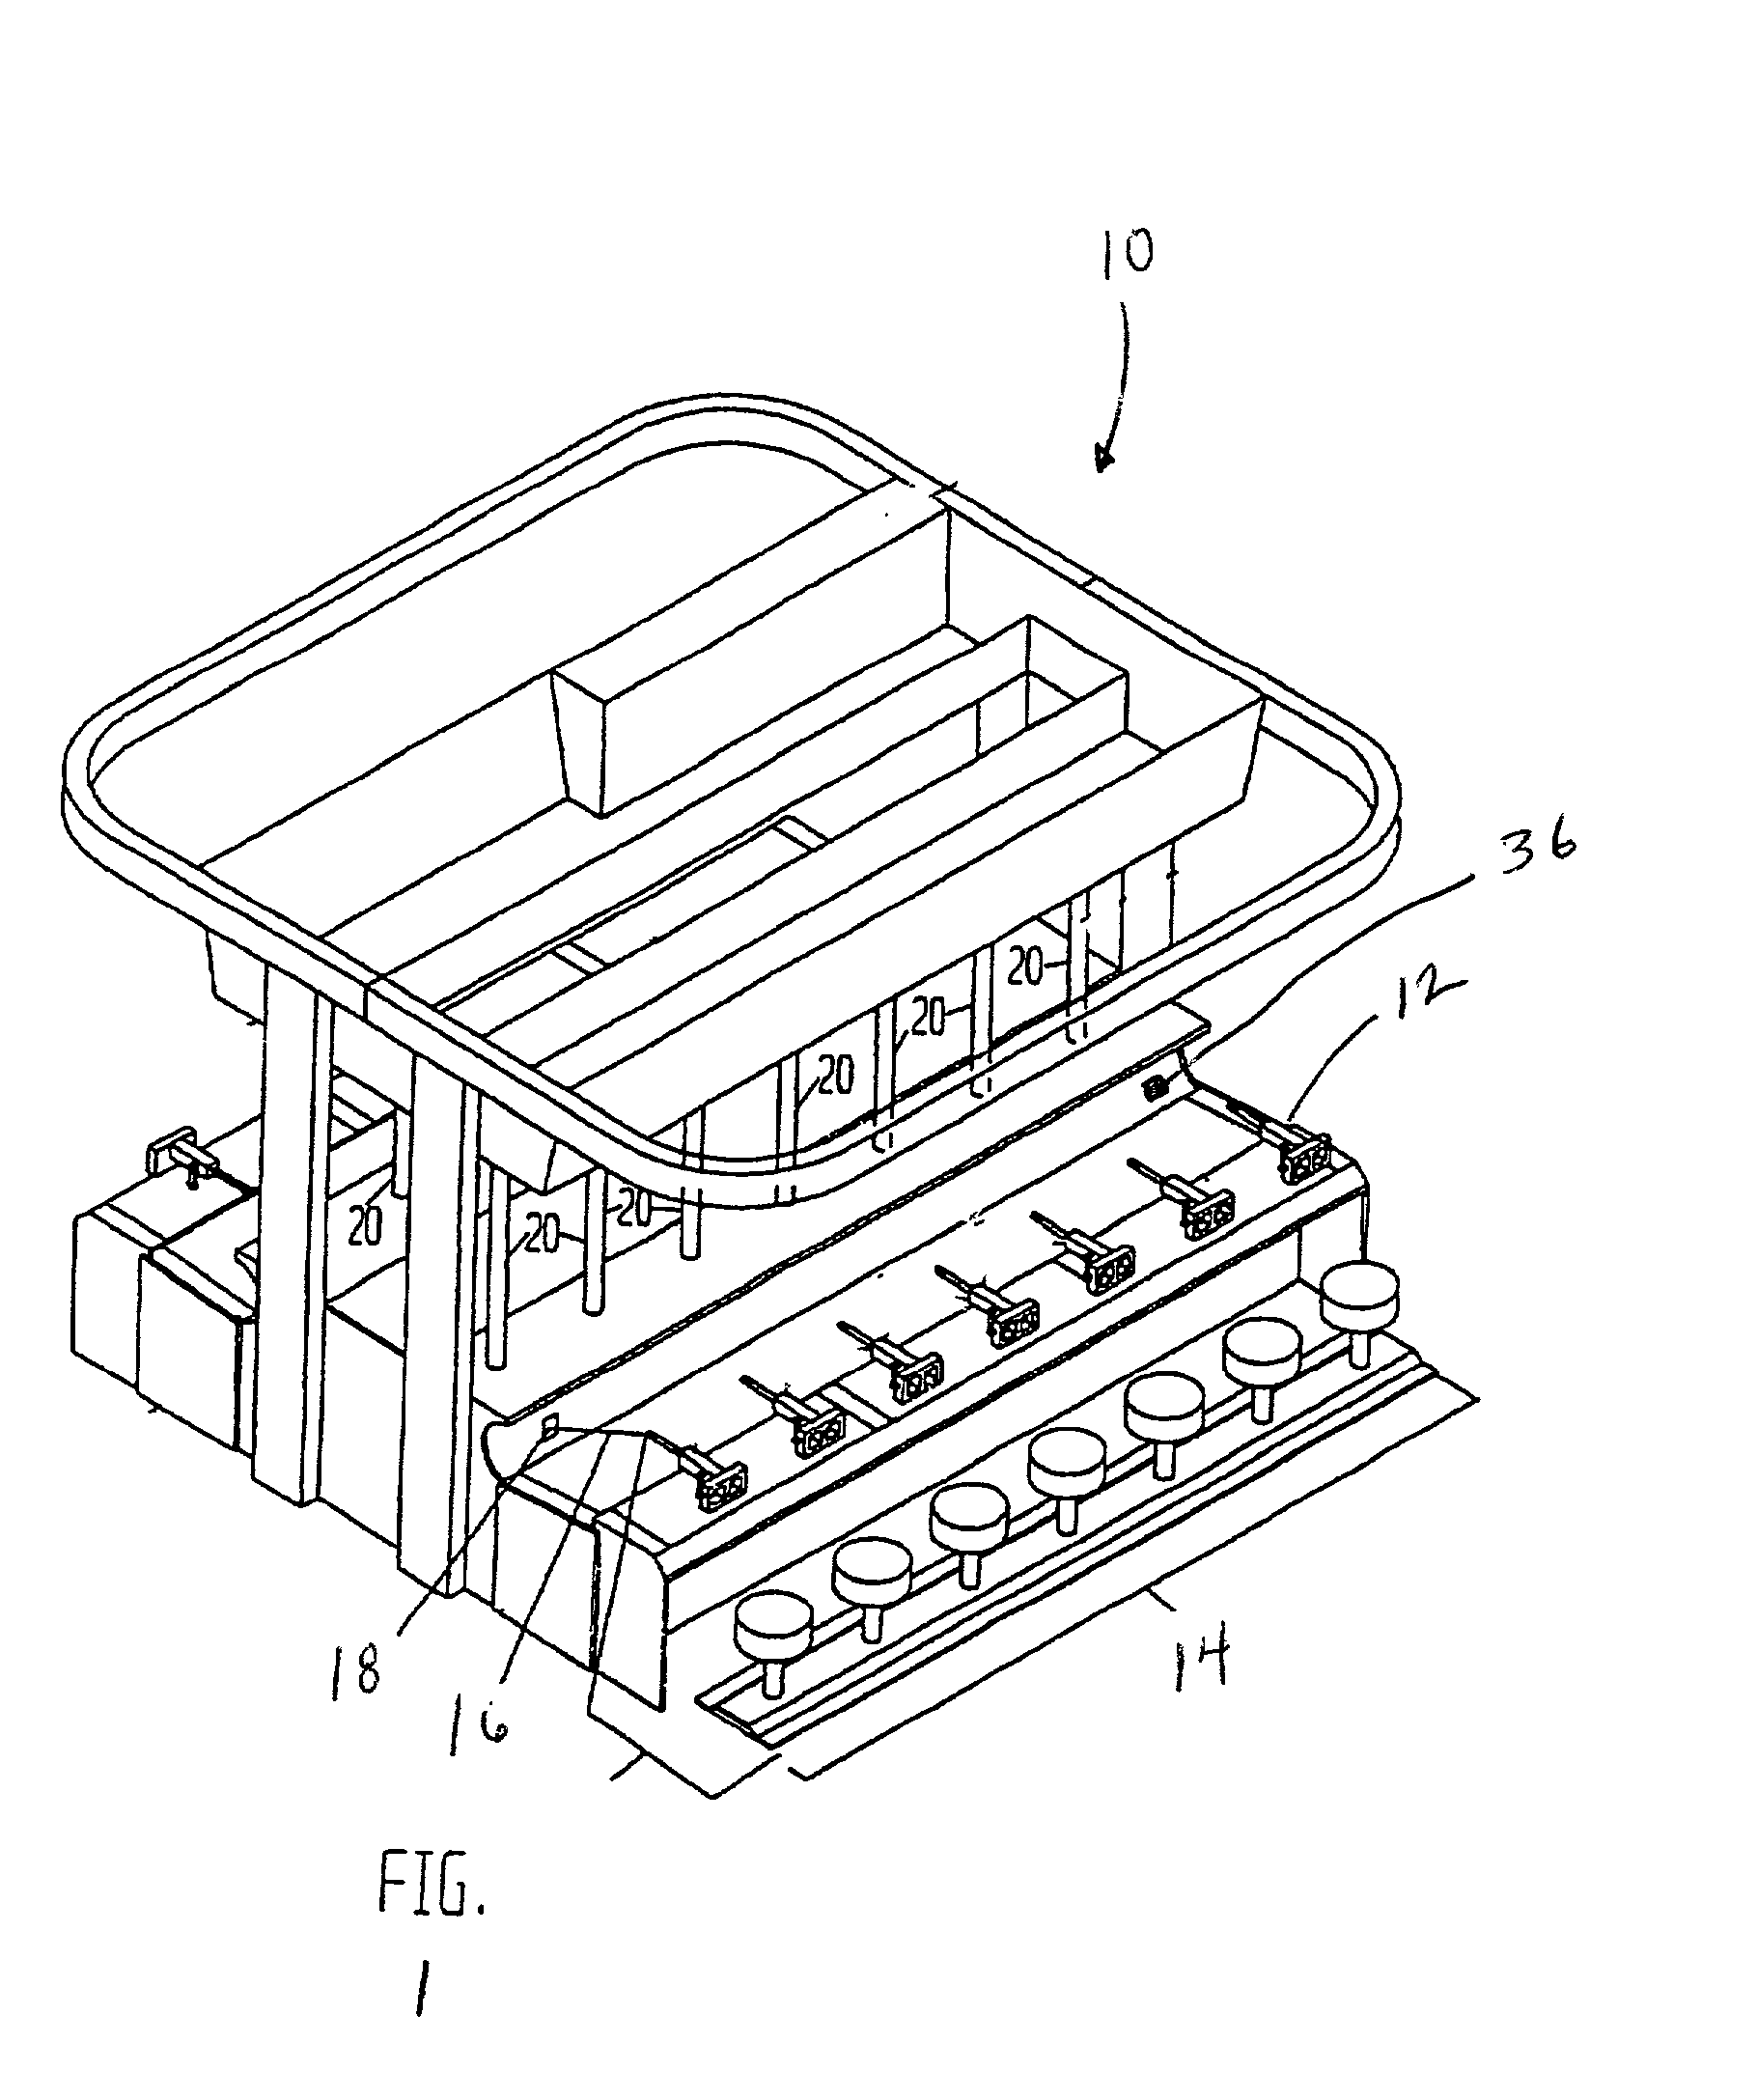 patent us20020115490